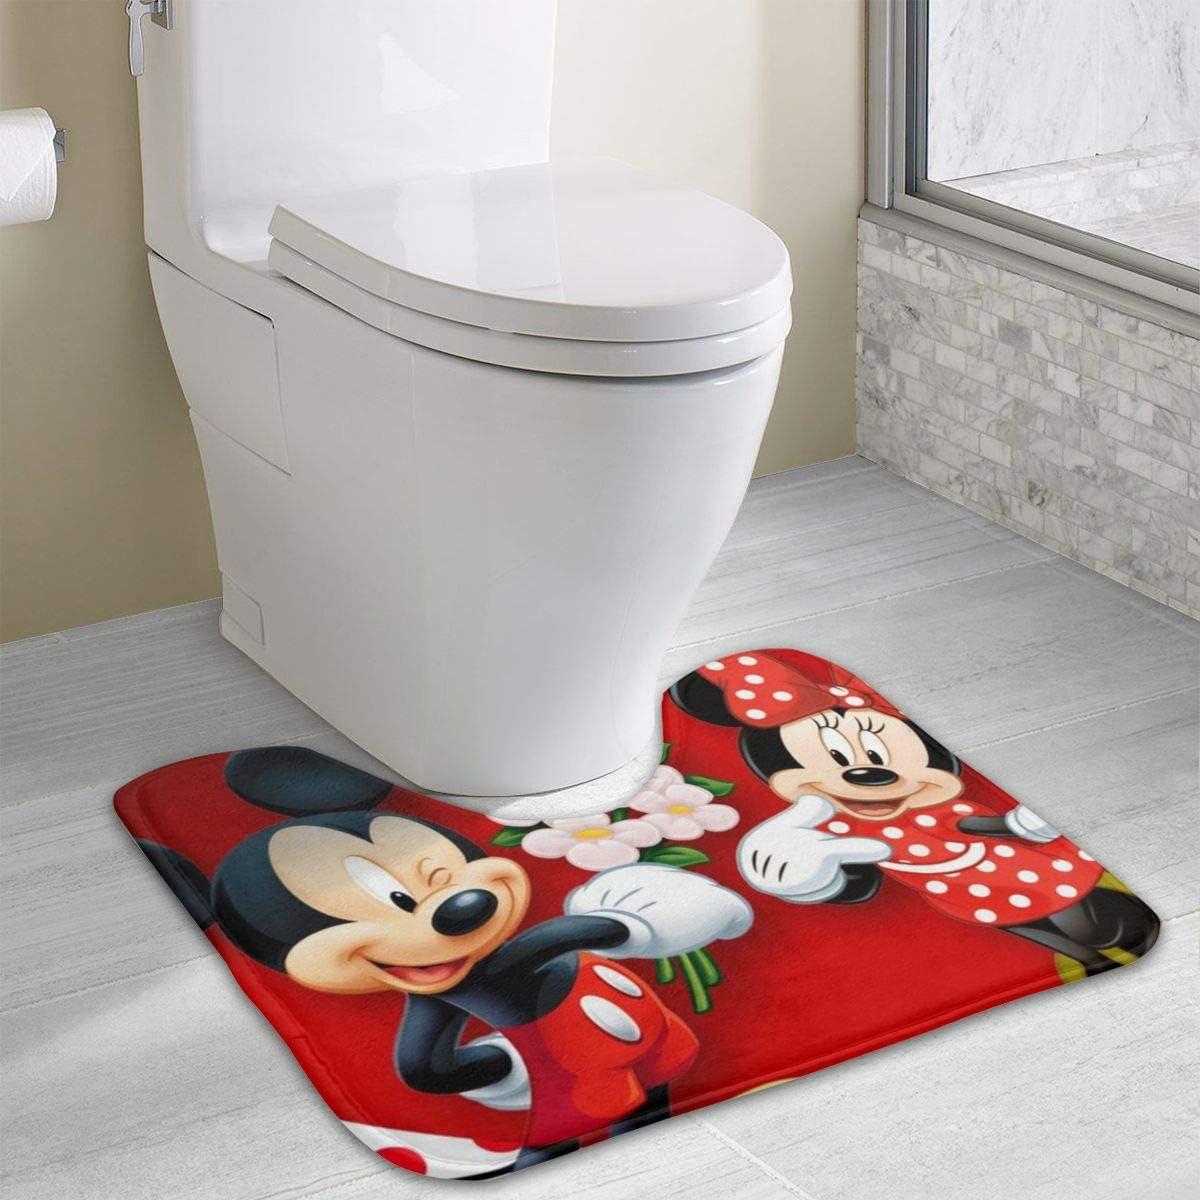 DZNLHM Mickey Mouse Minnie Love Couple Heart U-förmige Anti-Rutsch